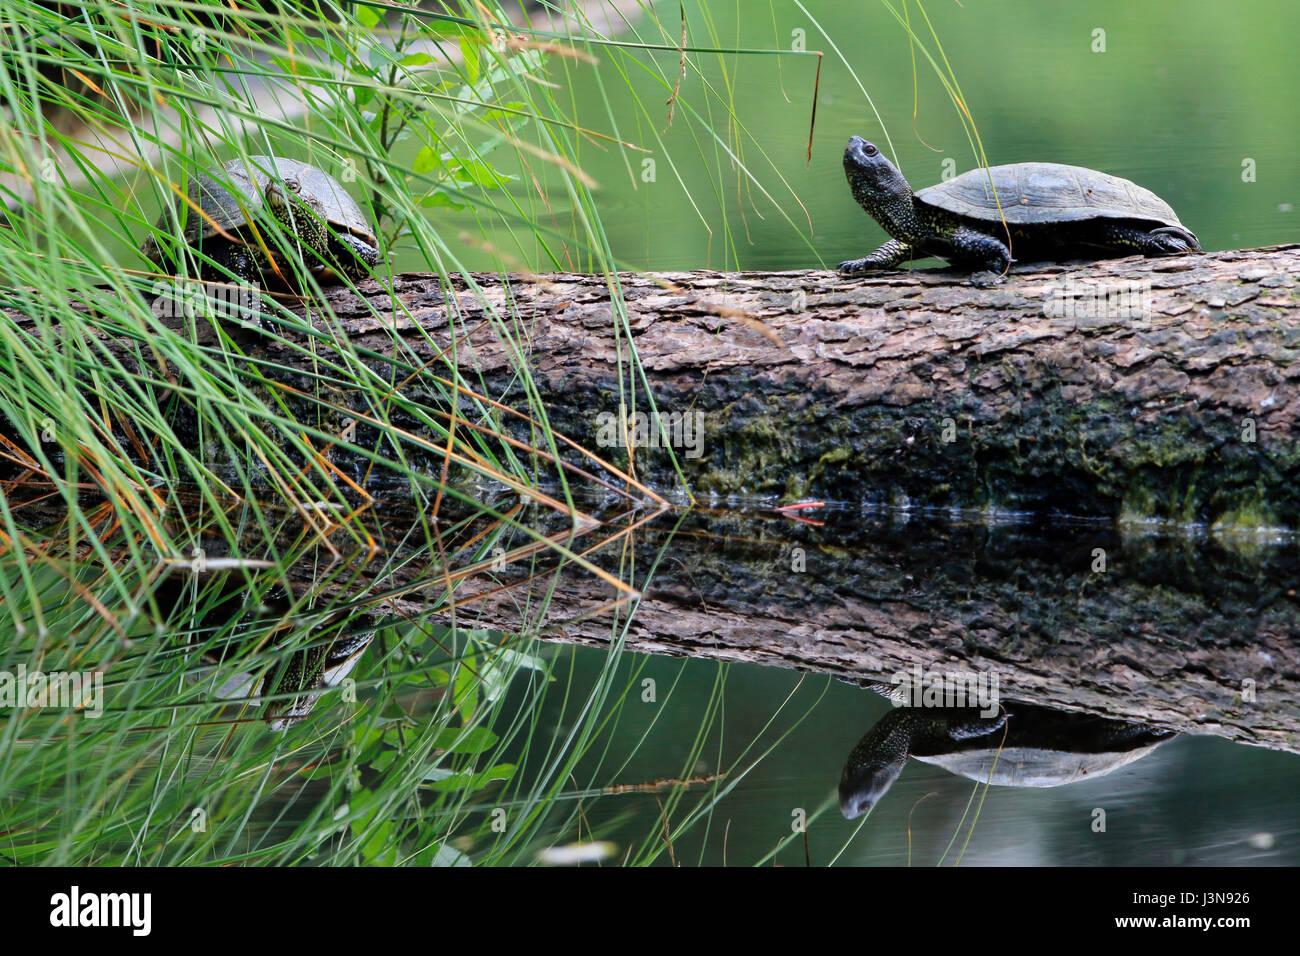 Europaeische Sumpfschildkroete, Emys orbicularis, Moorsee, Pfrunger-Burgweiler Ried, Baden-Wuerttemberg, Deutschland, Immagini Stock